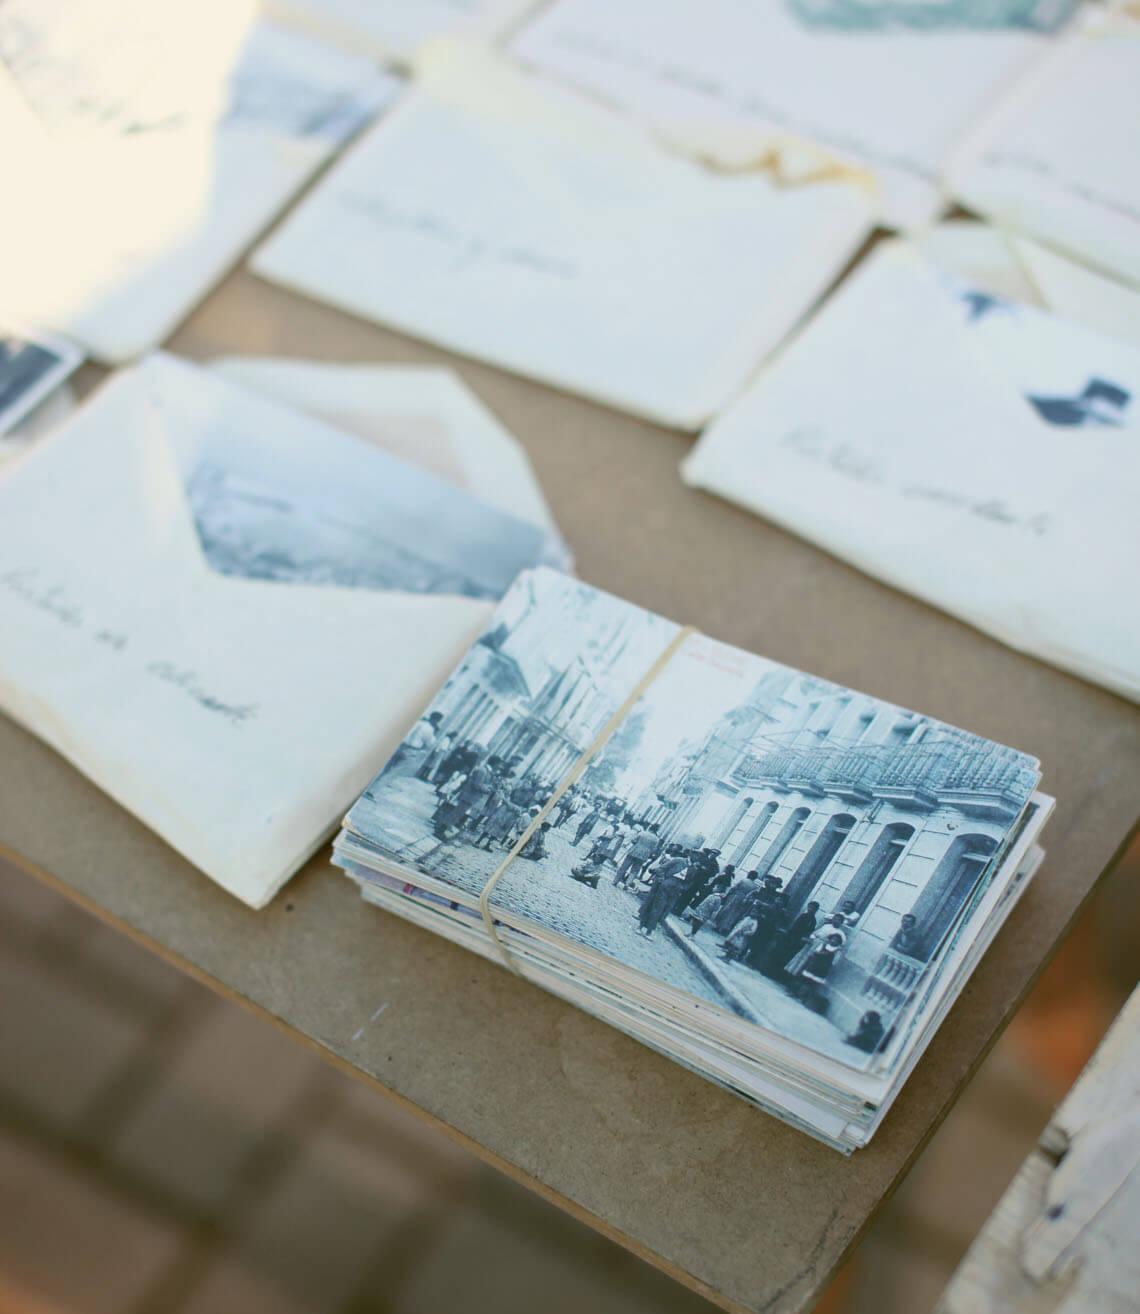 fotografering inredning och design